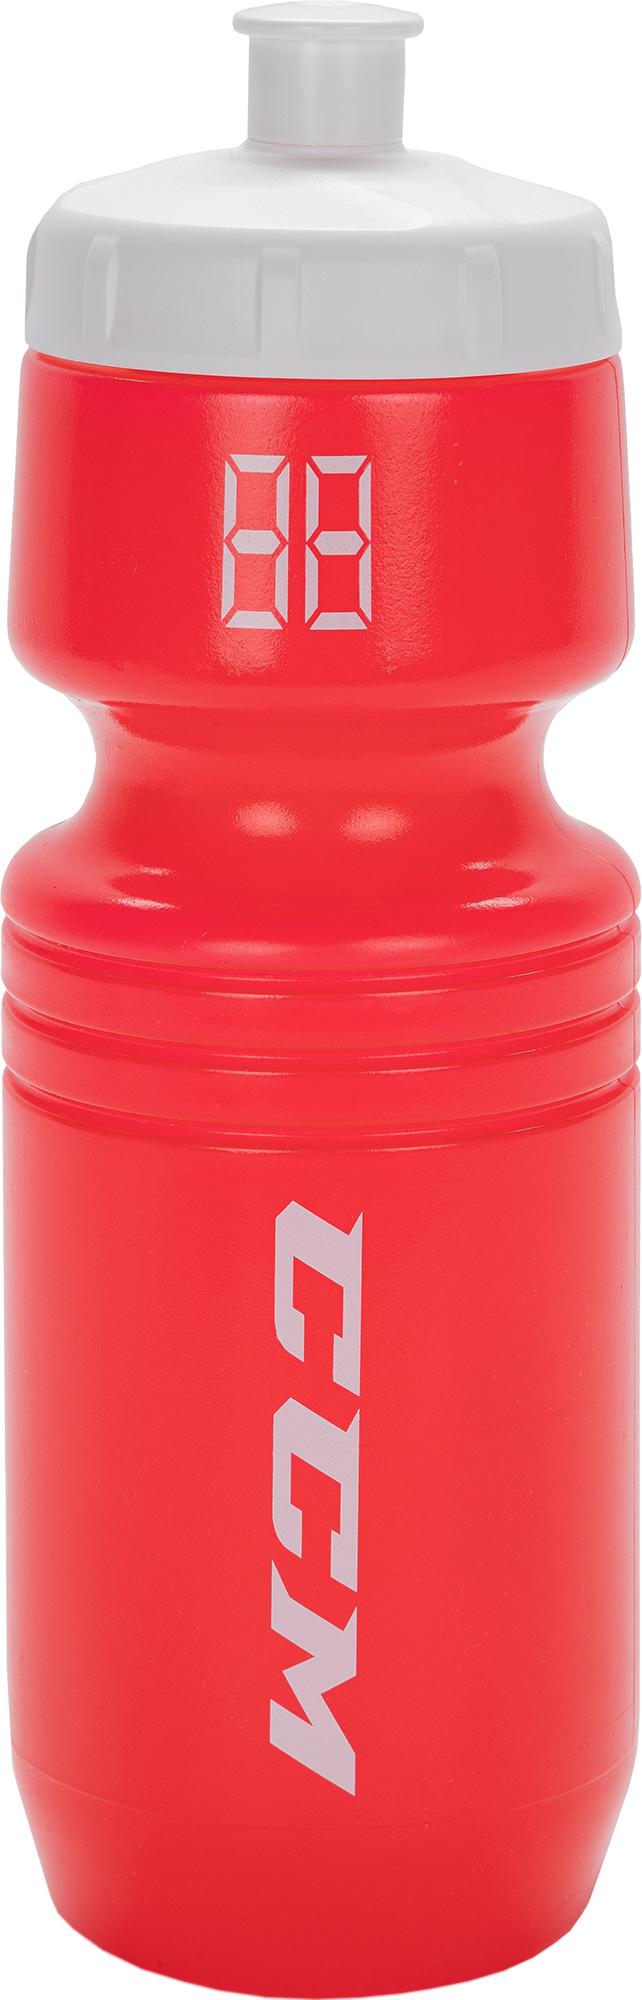 CCM Бутылка для воды CCM, 700 мл цена